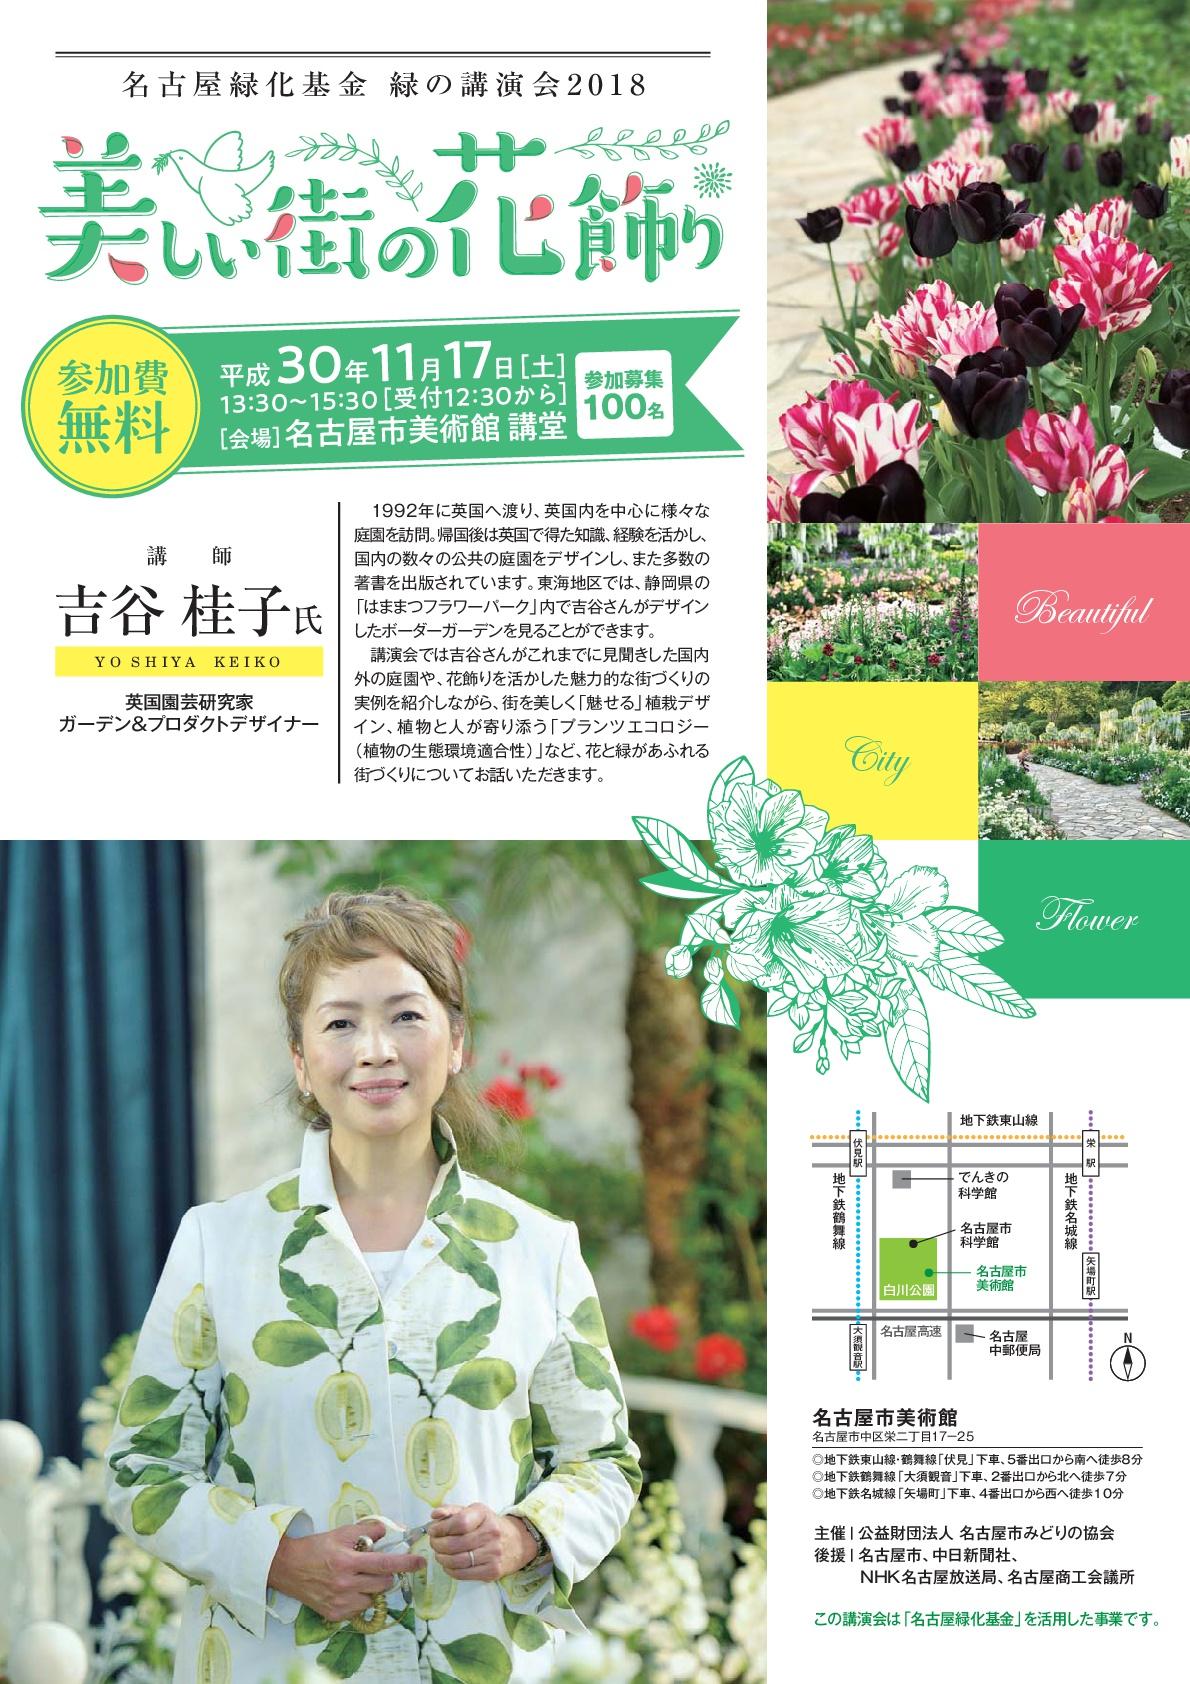 緑の講演会2018 ー美しい街の花飾りー